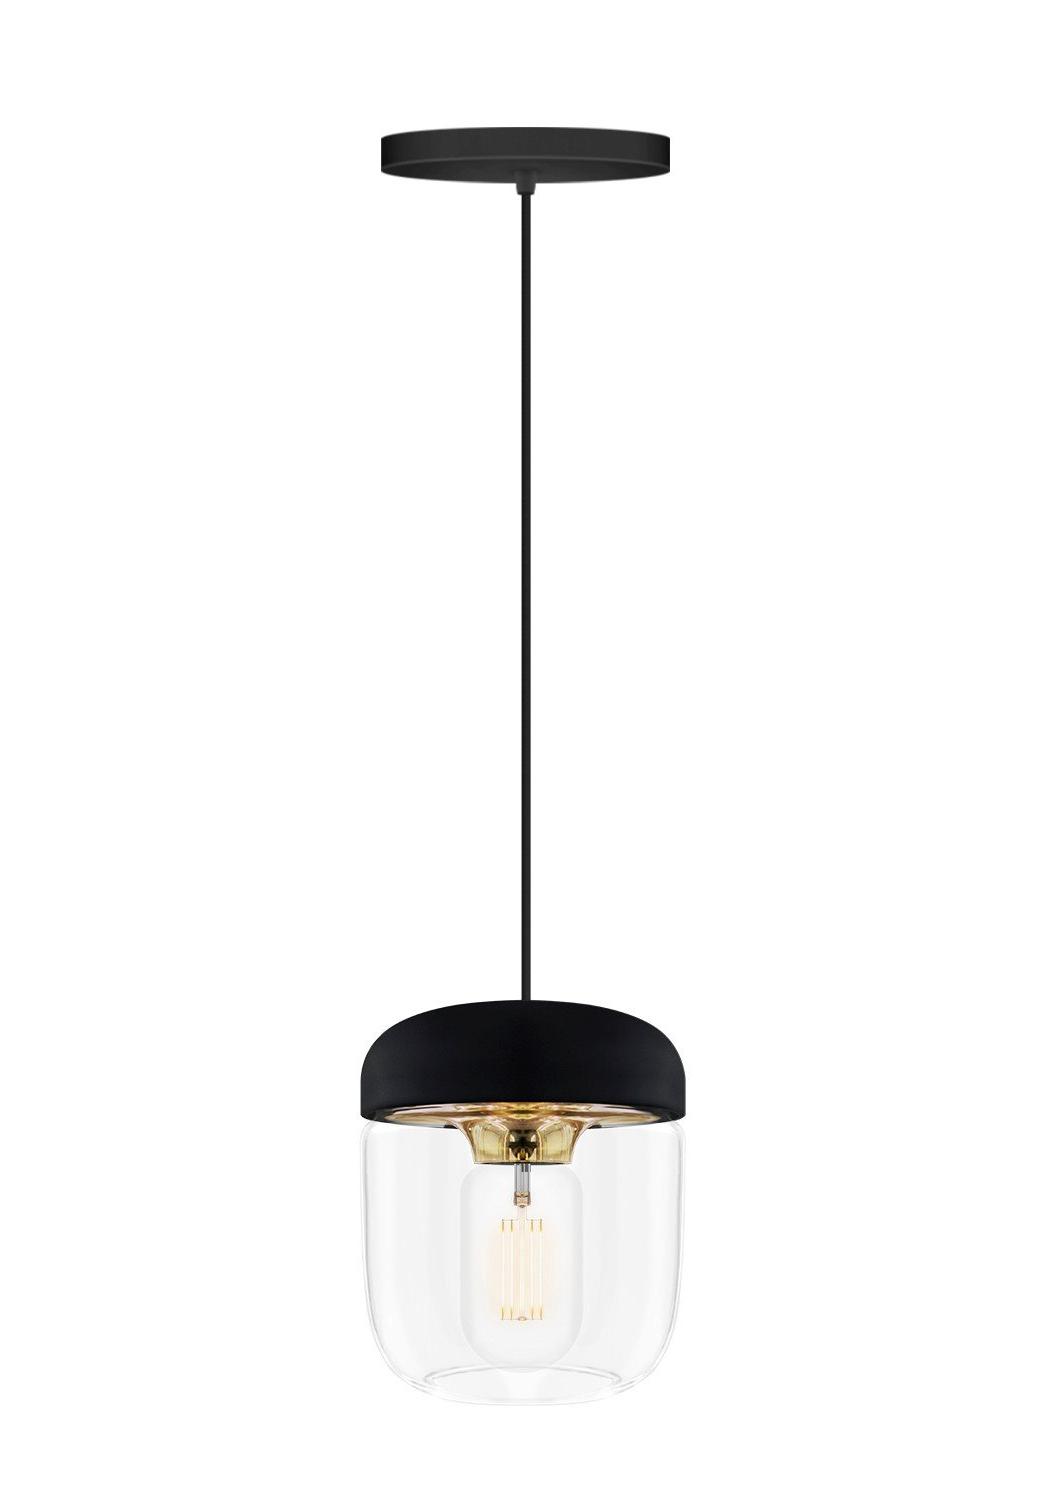 Hisako 1 Light Bulb Pendant For Most Recent Burslem 3 Light Single Drum Pendants (Gallery 16 of 25)